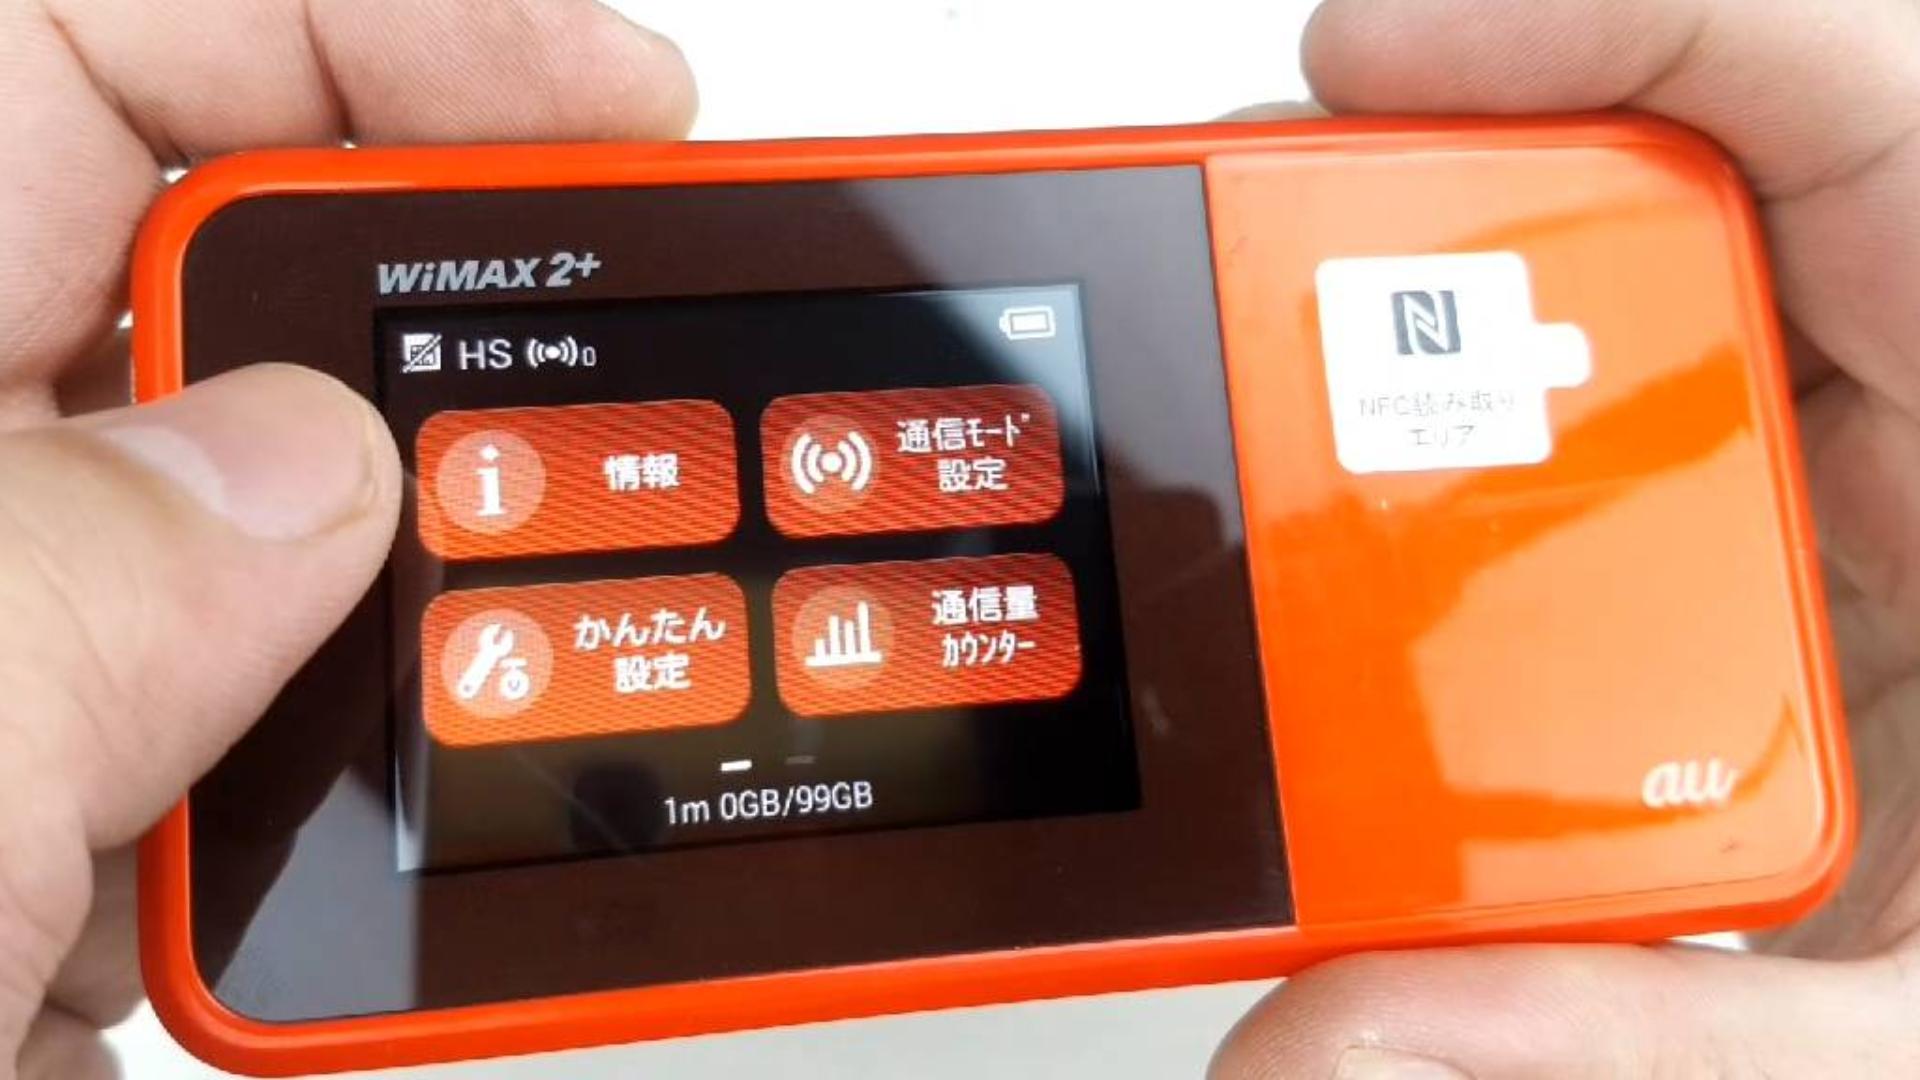 拆解日本插SIM卡的无线WIFI路由器,看看内部的做工和细节